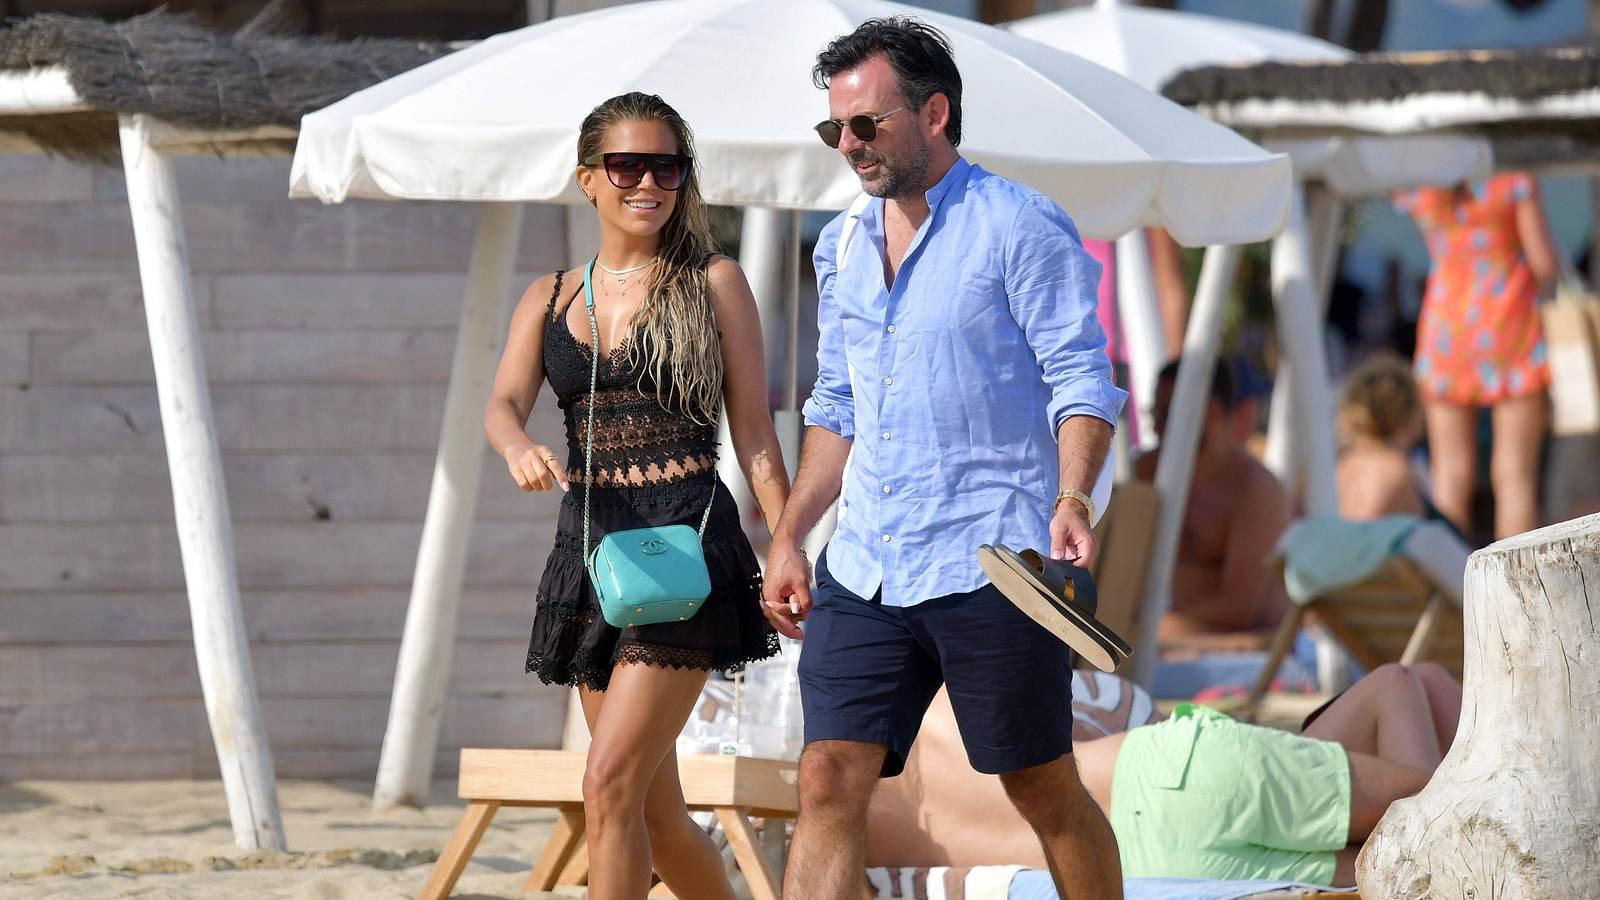 Sylvie Meis & Niclas Castello: Süße News zwei Monate nach der Hochzeit!